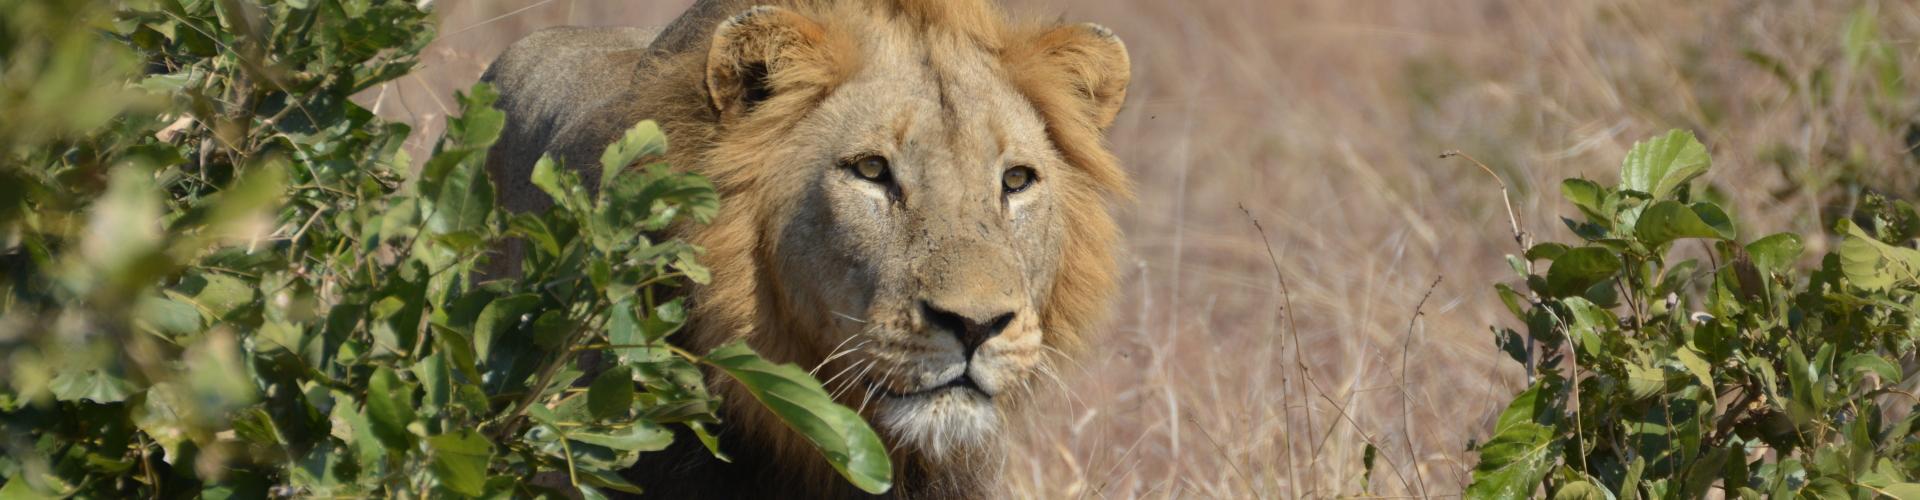 leeuw lower sabie